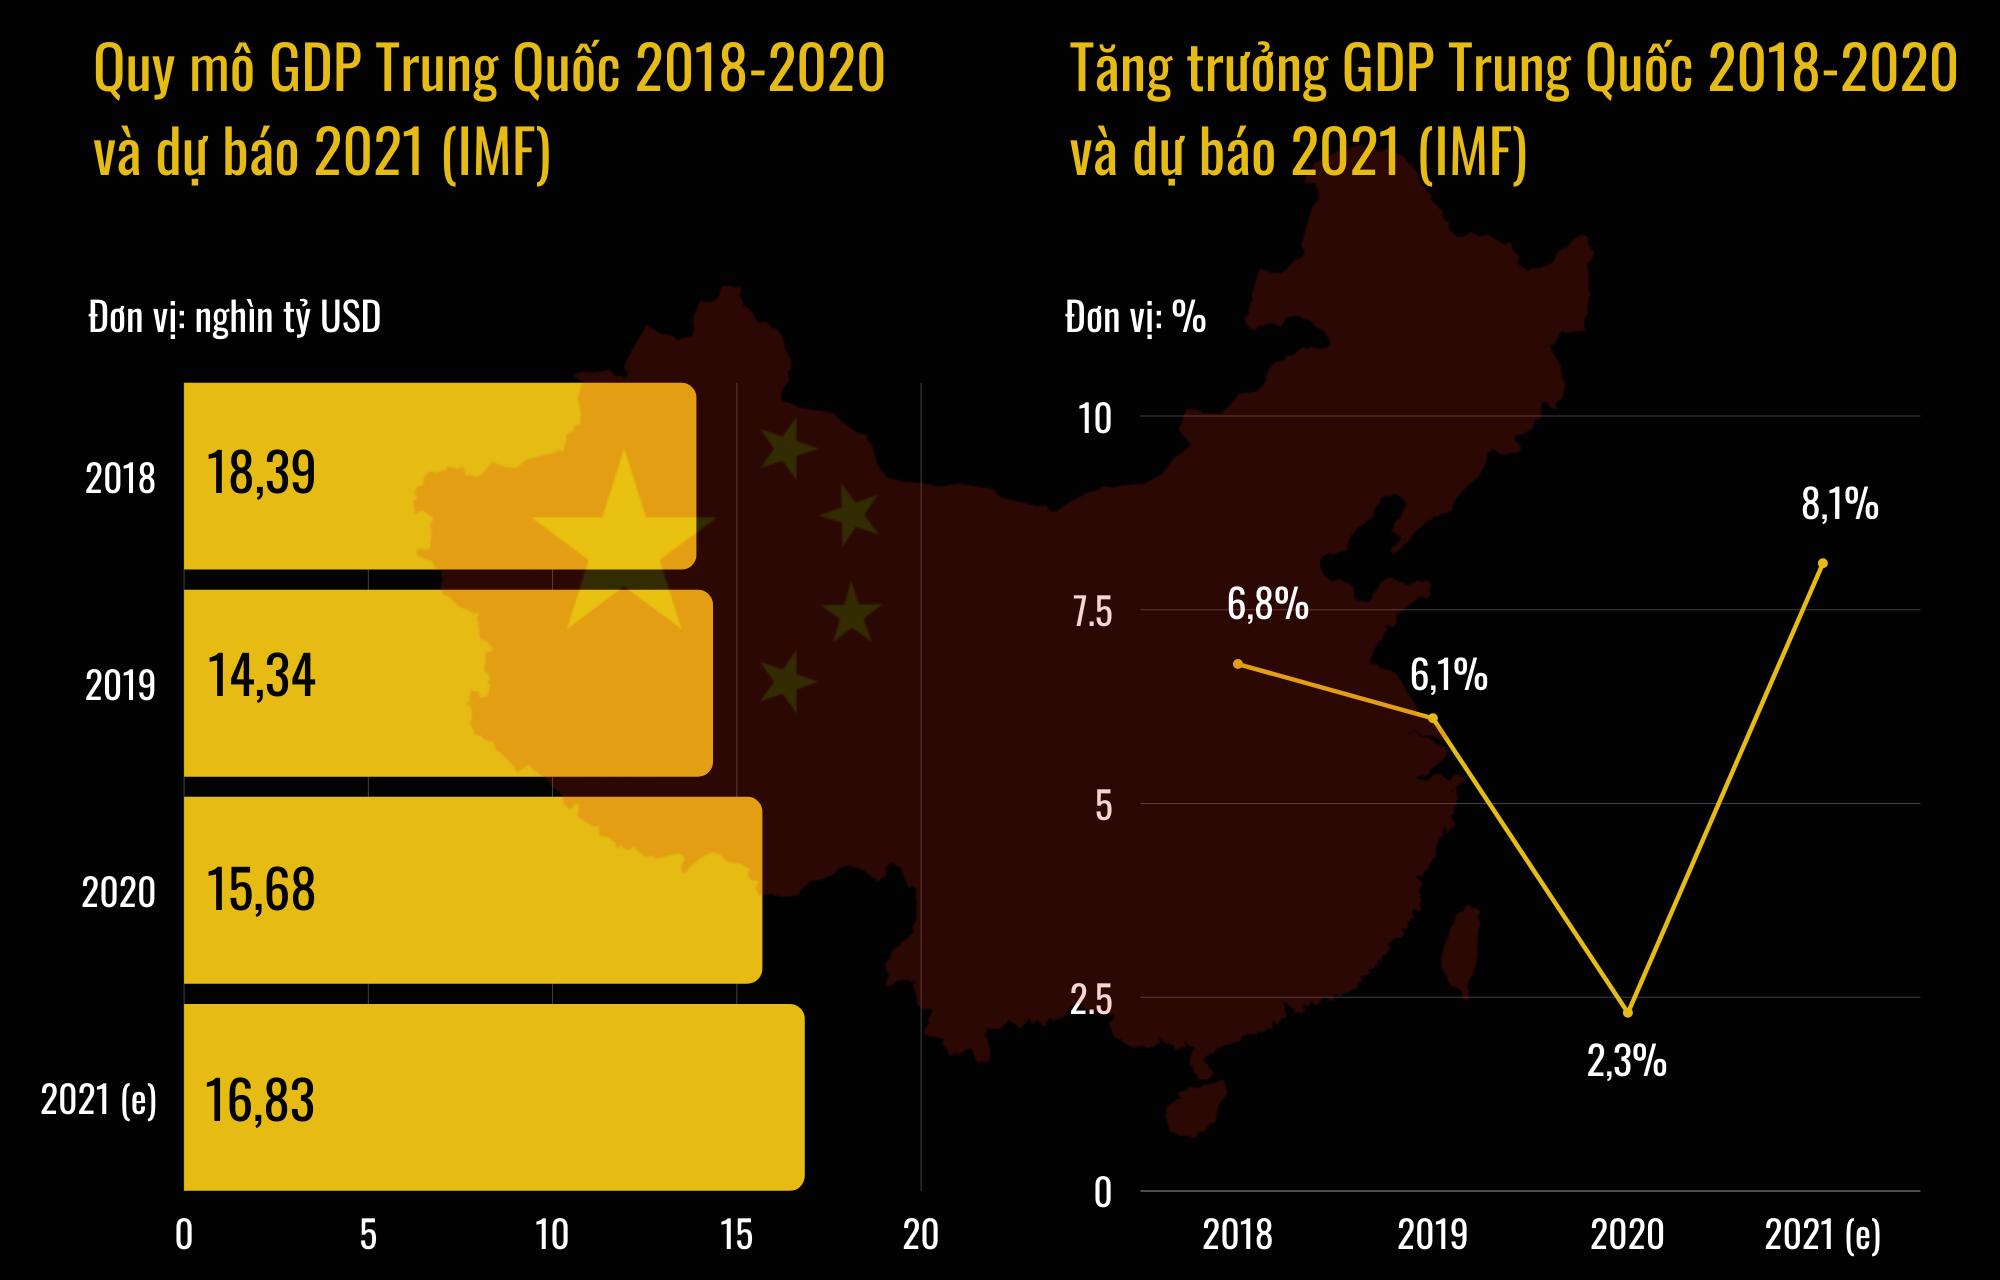 Thực chất kinh tế Trung Quốc đang đứng đâu trong cỗ máy kinh tế toàn cầu? - 2